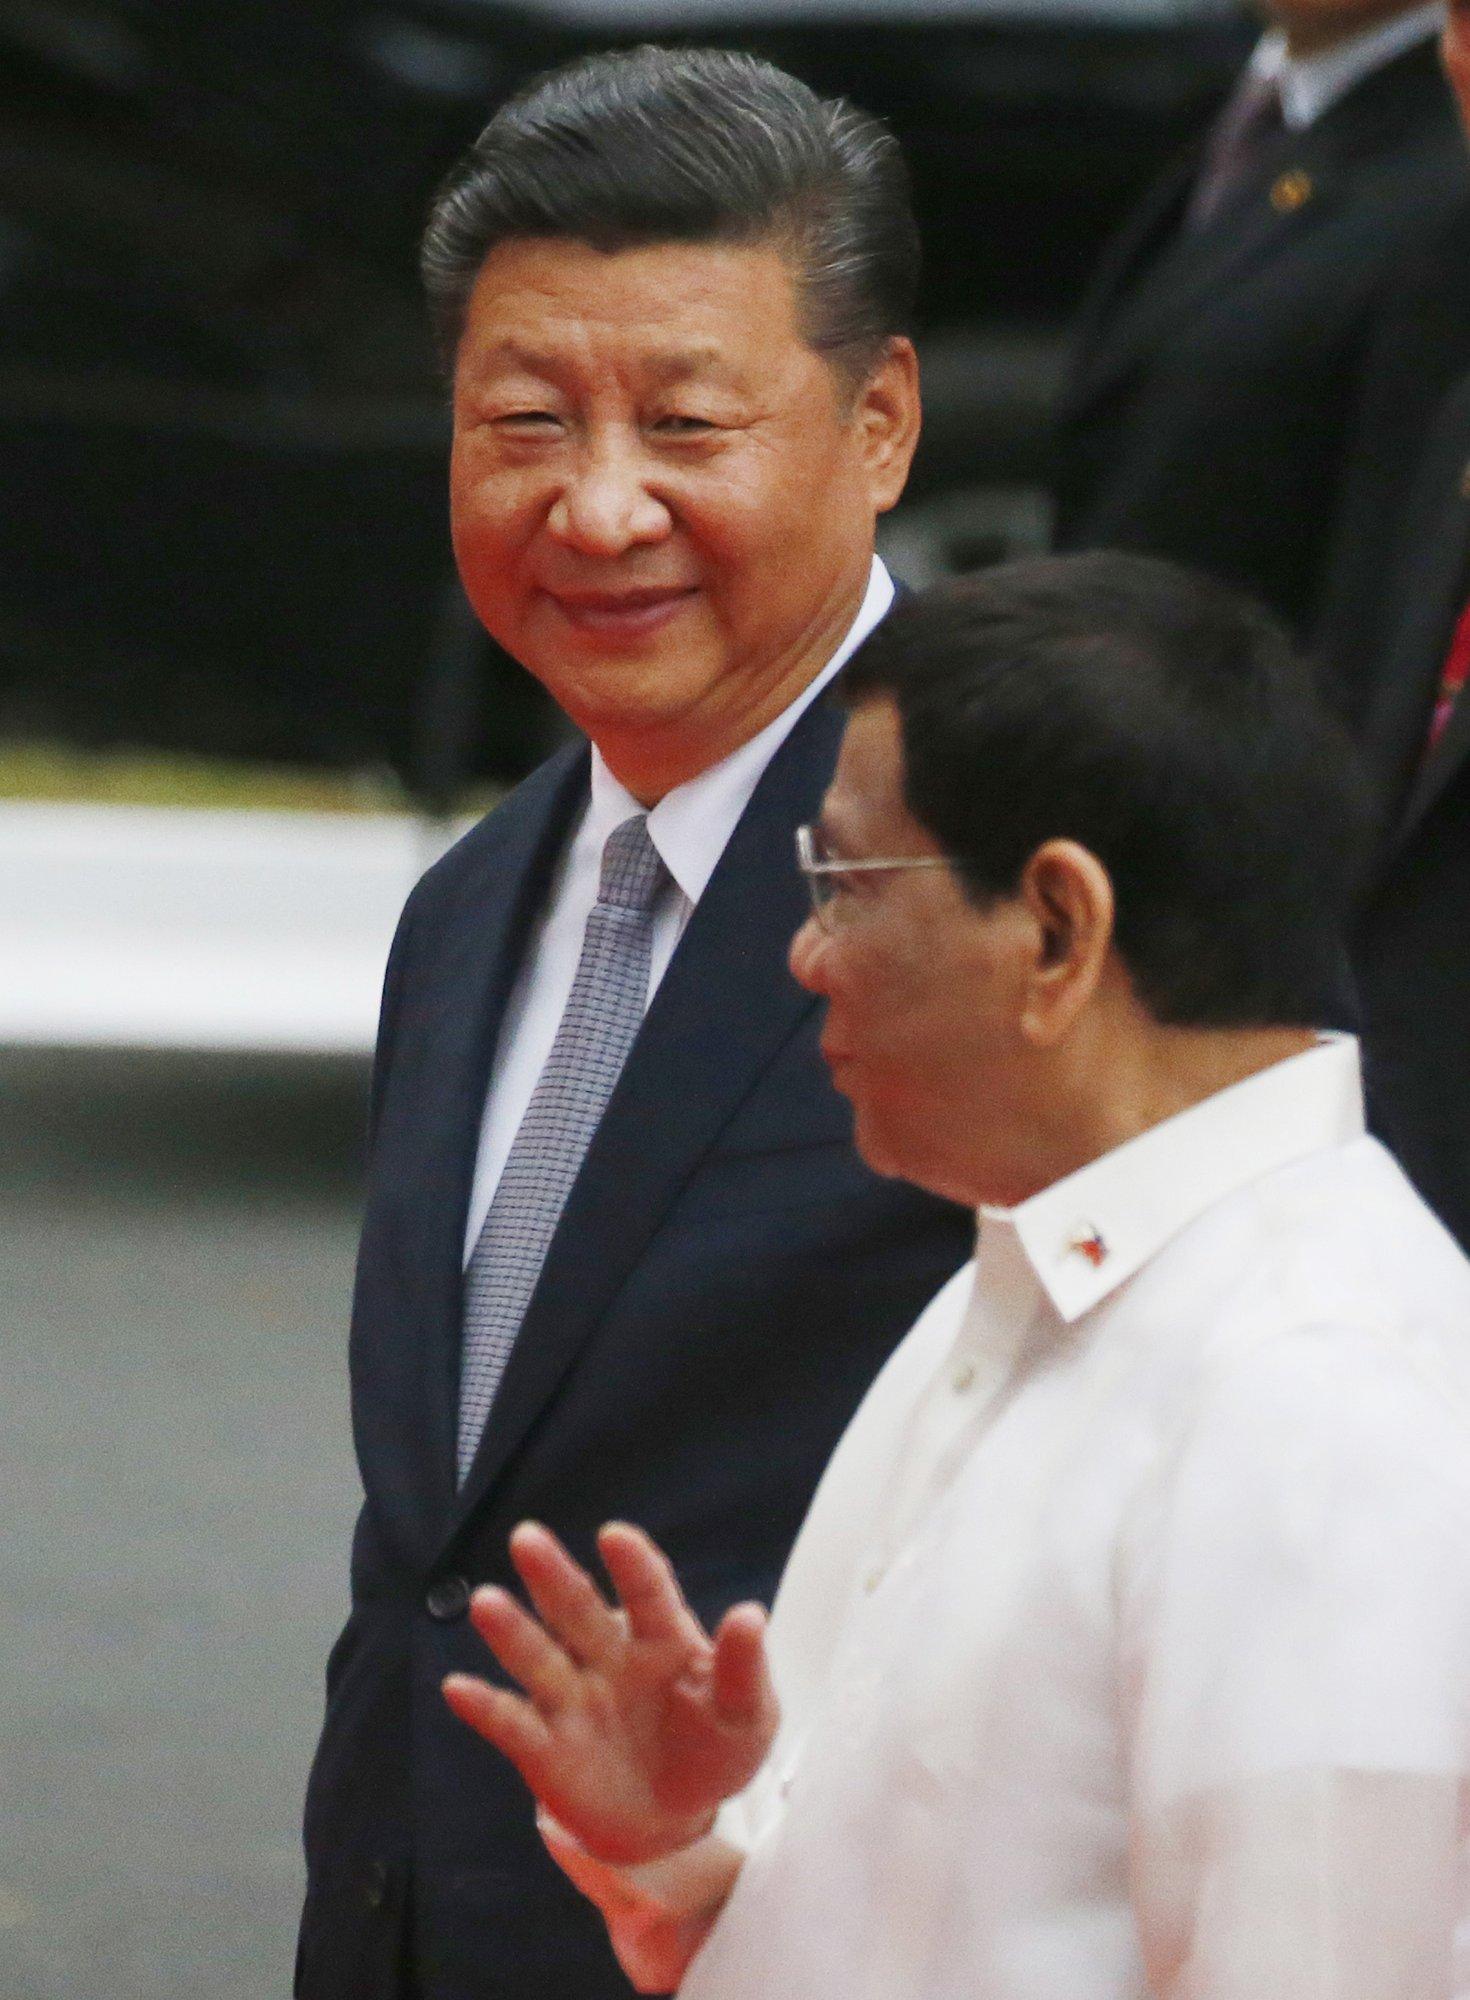 Xi Jinping, Rodrigo Duterte